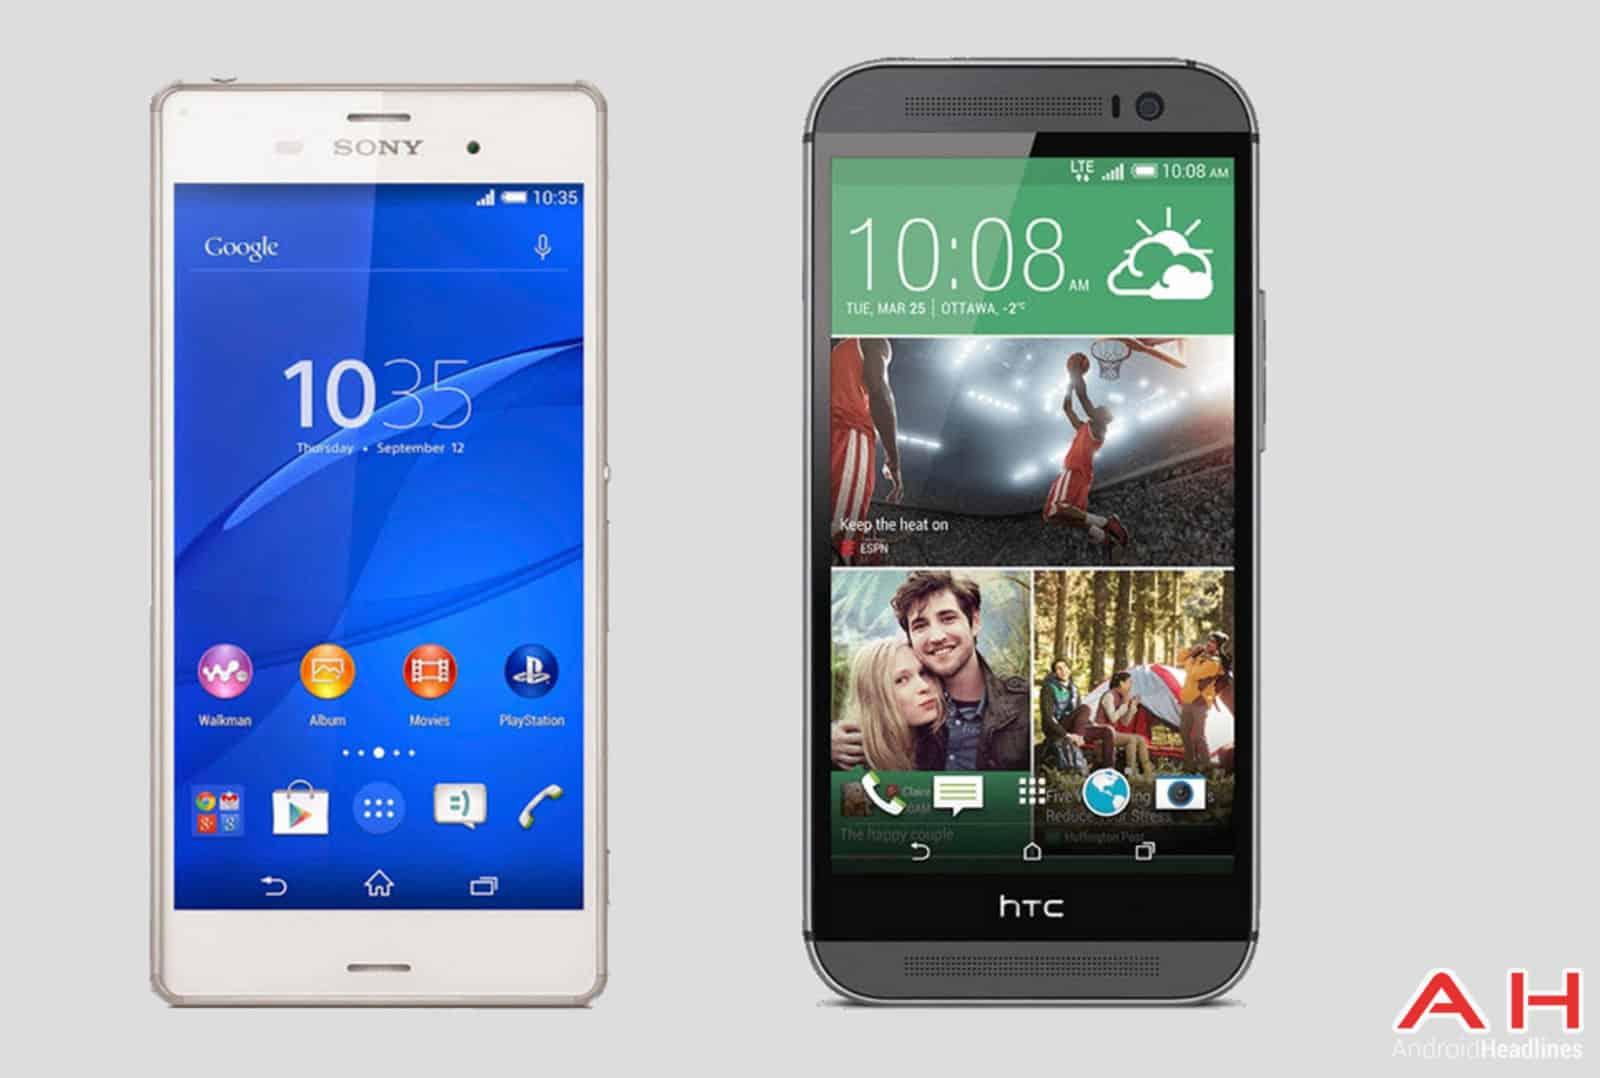 Xperia Z3 vs HTC One M8 AH